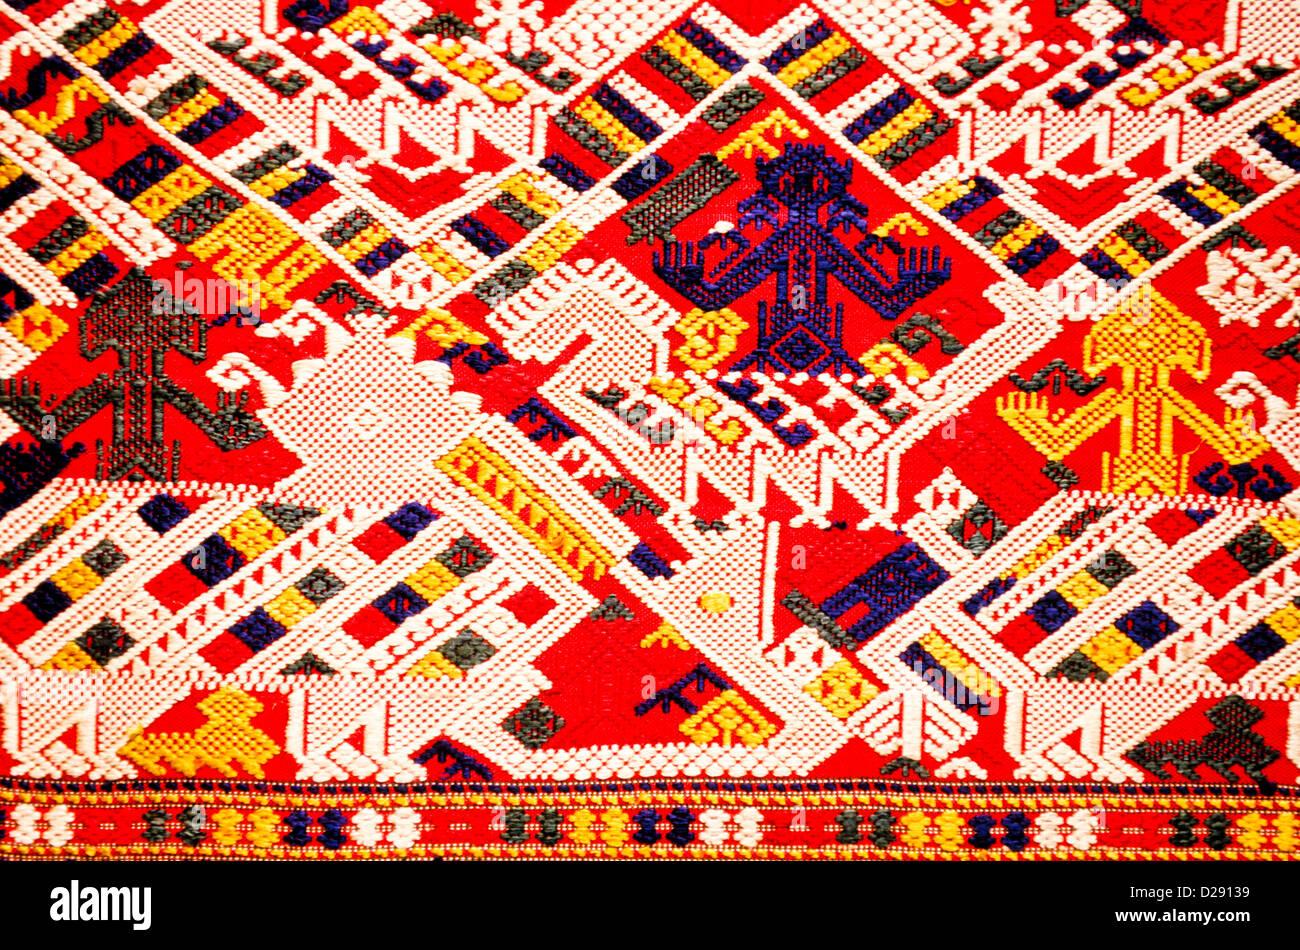 La Thaïlande. Textile. Détail. Photo Stock